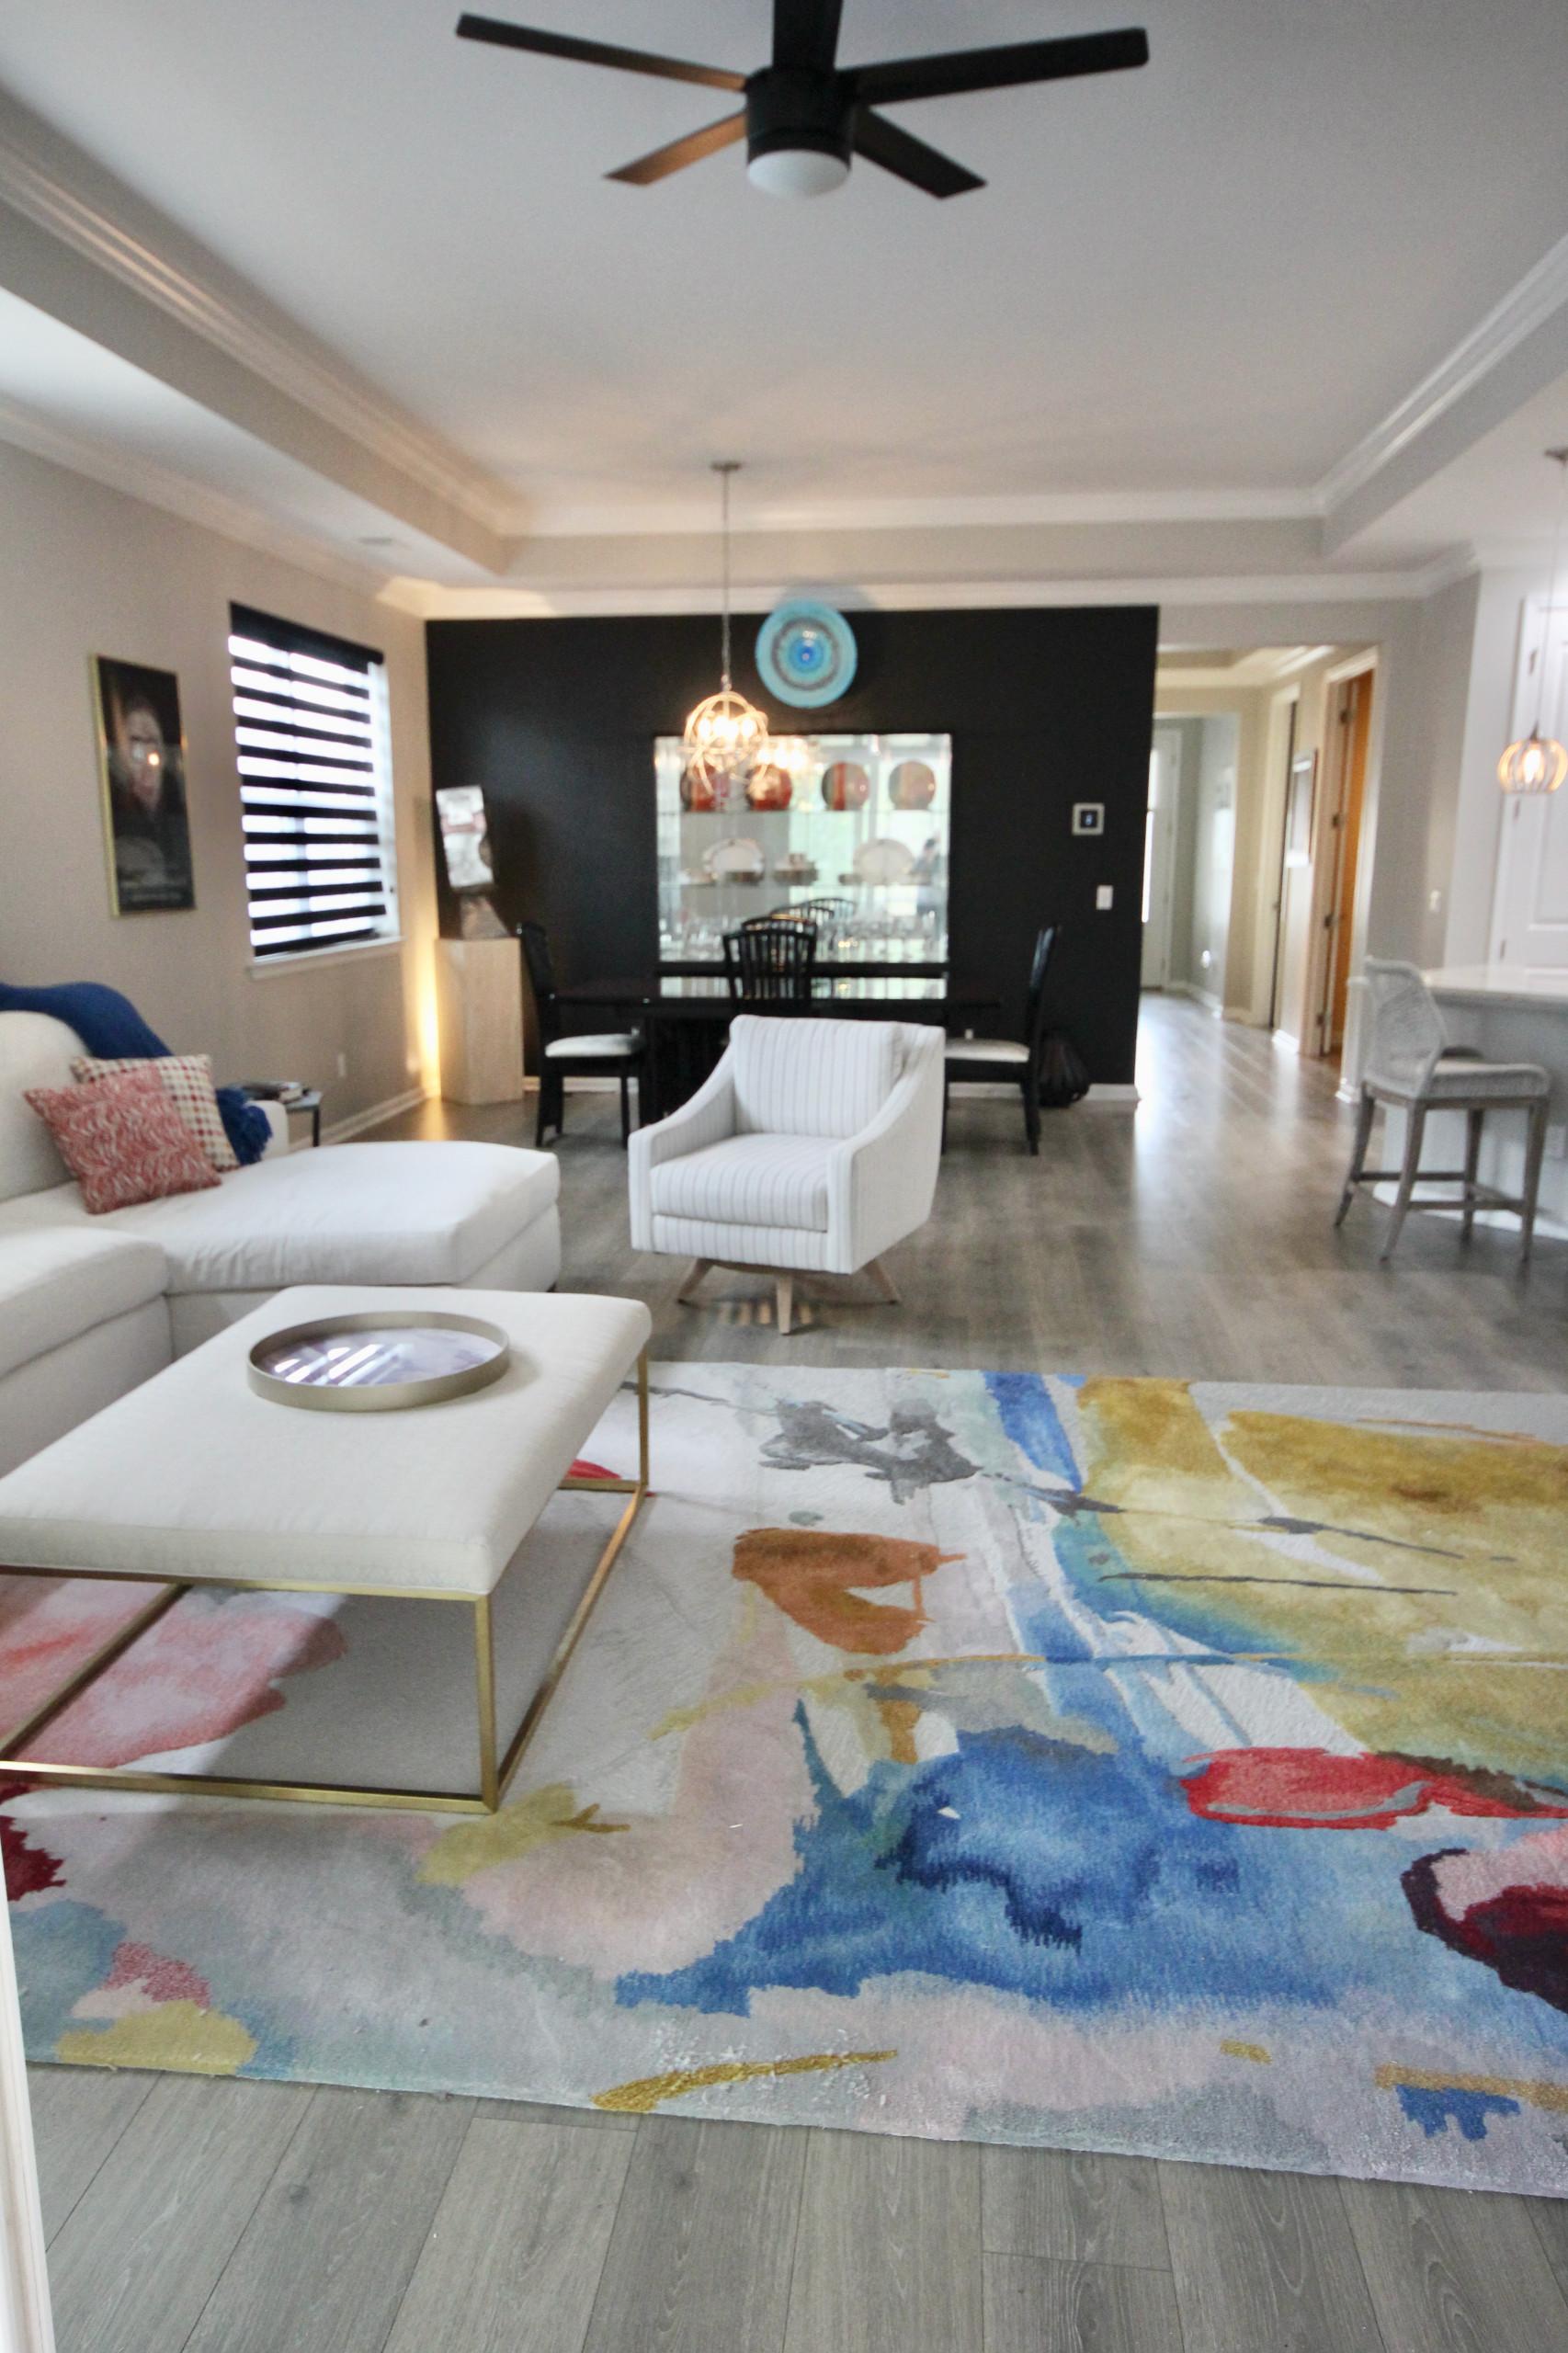 Margarittaville Design Living Area